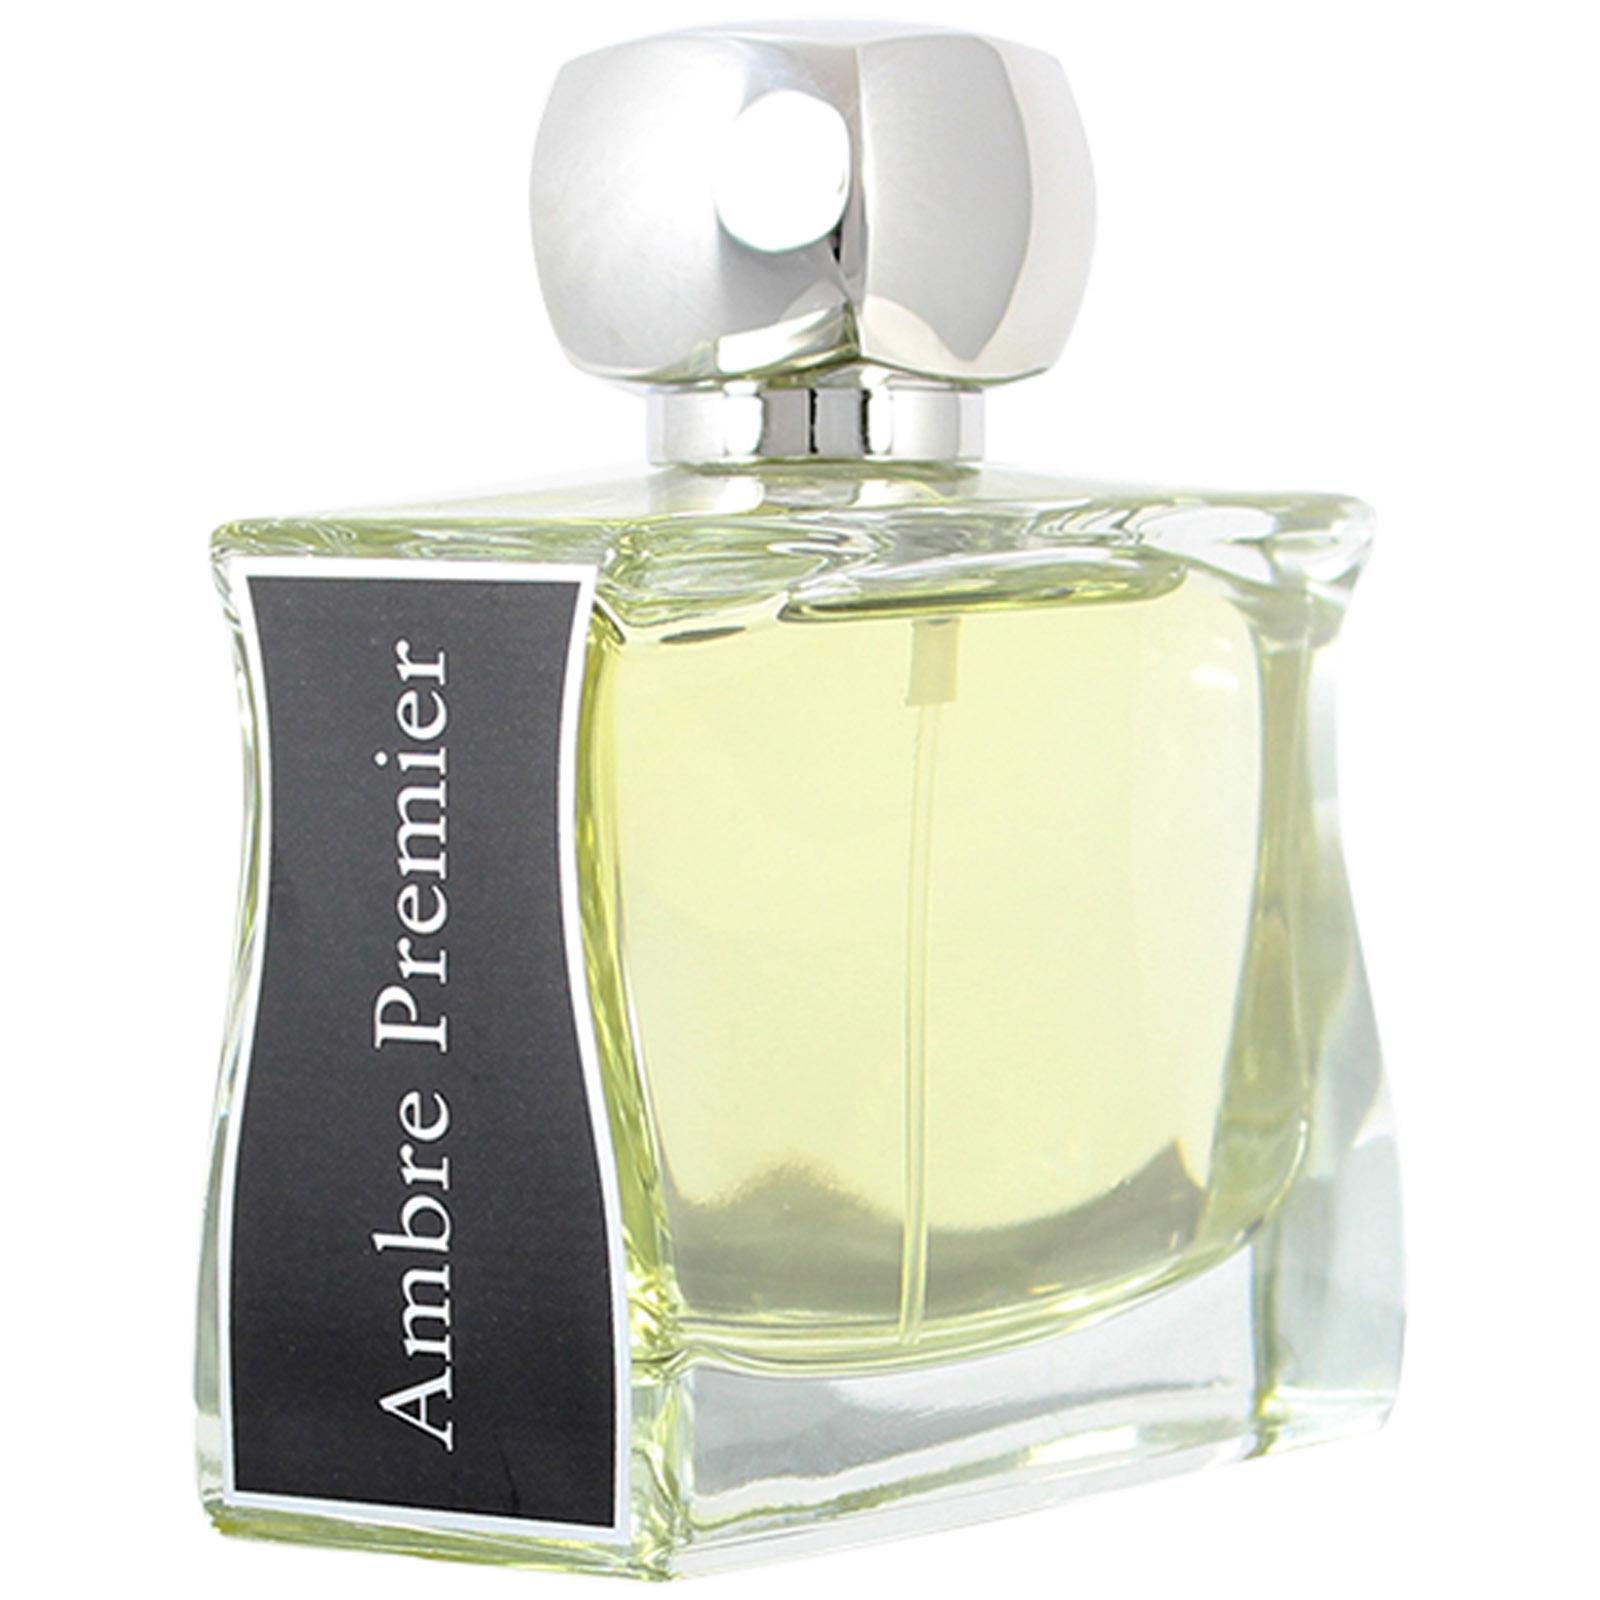 Ambre premier profumo eau de parfum 100 ml